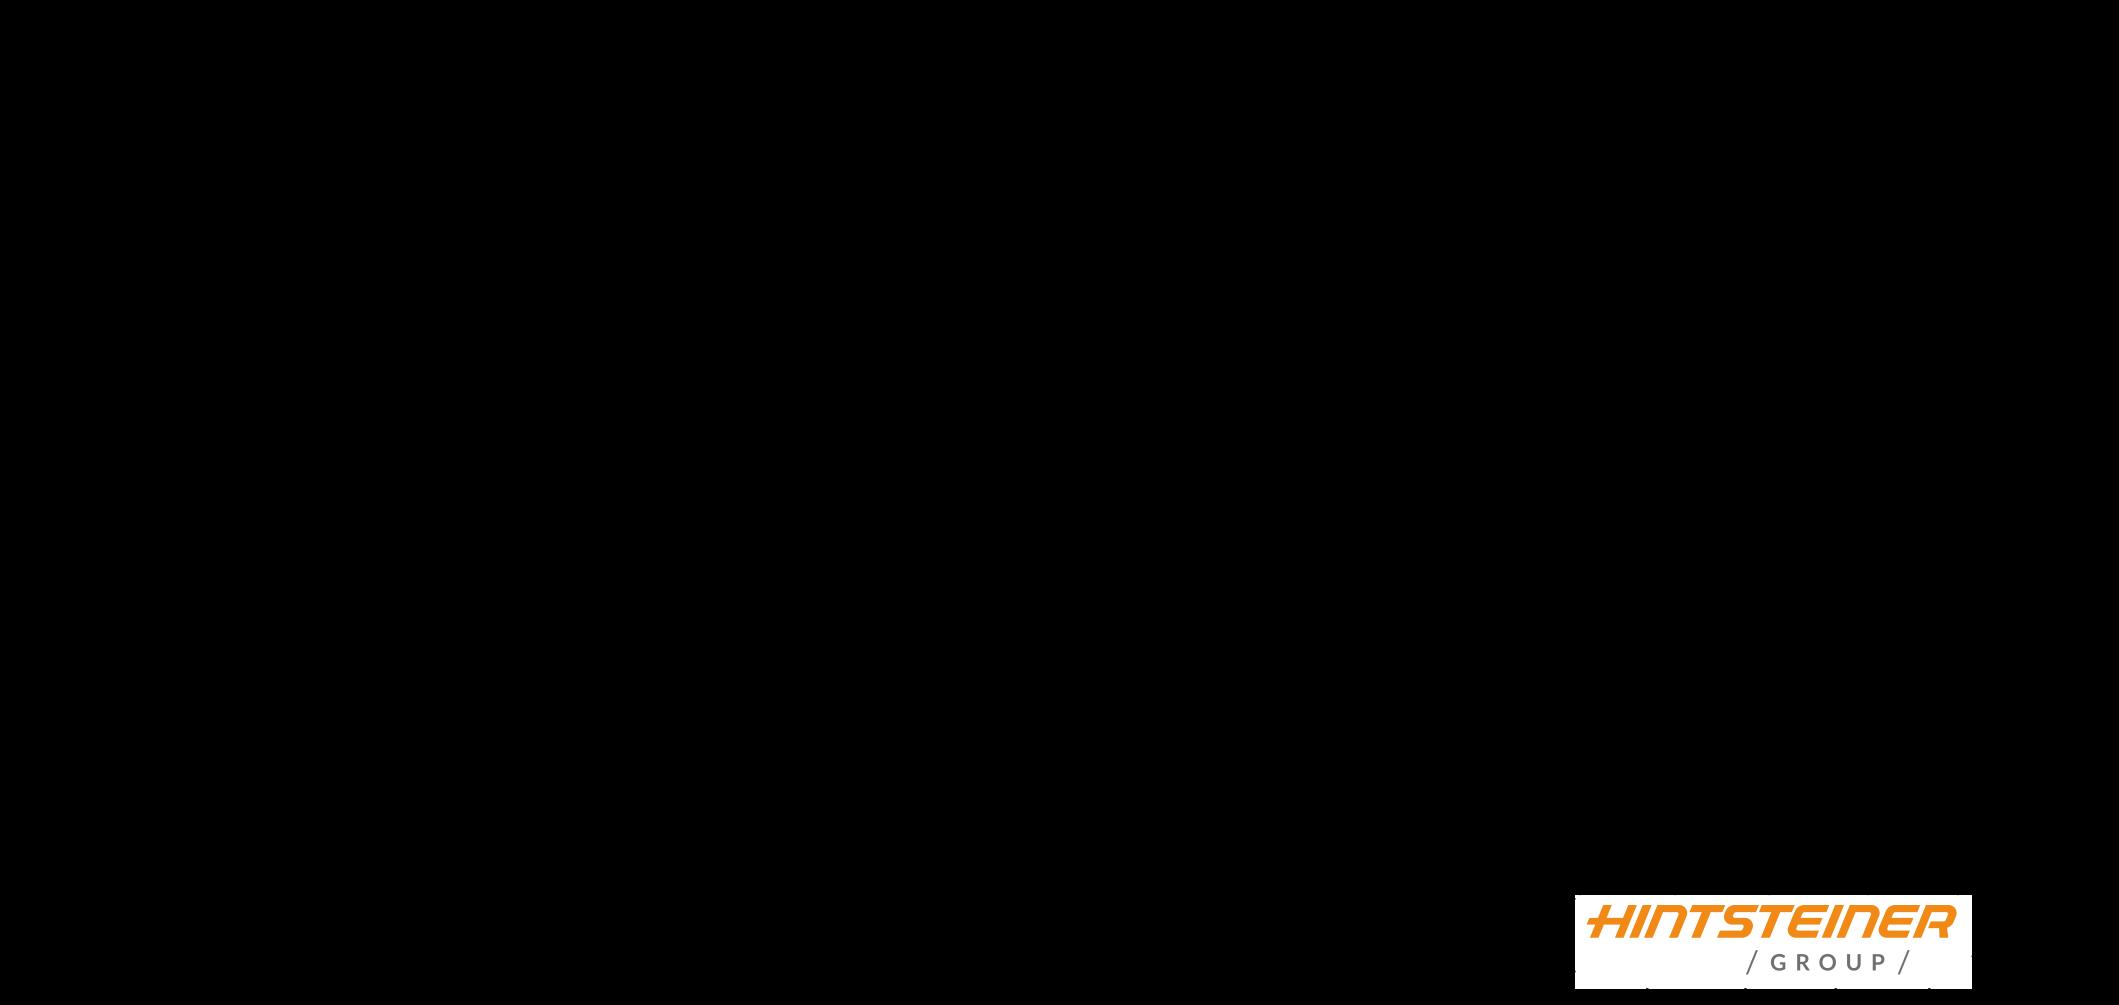 Hintsteiner_Faserverbundkonstruktion_Radien